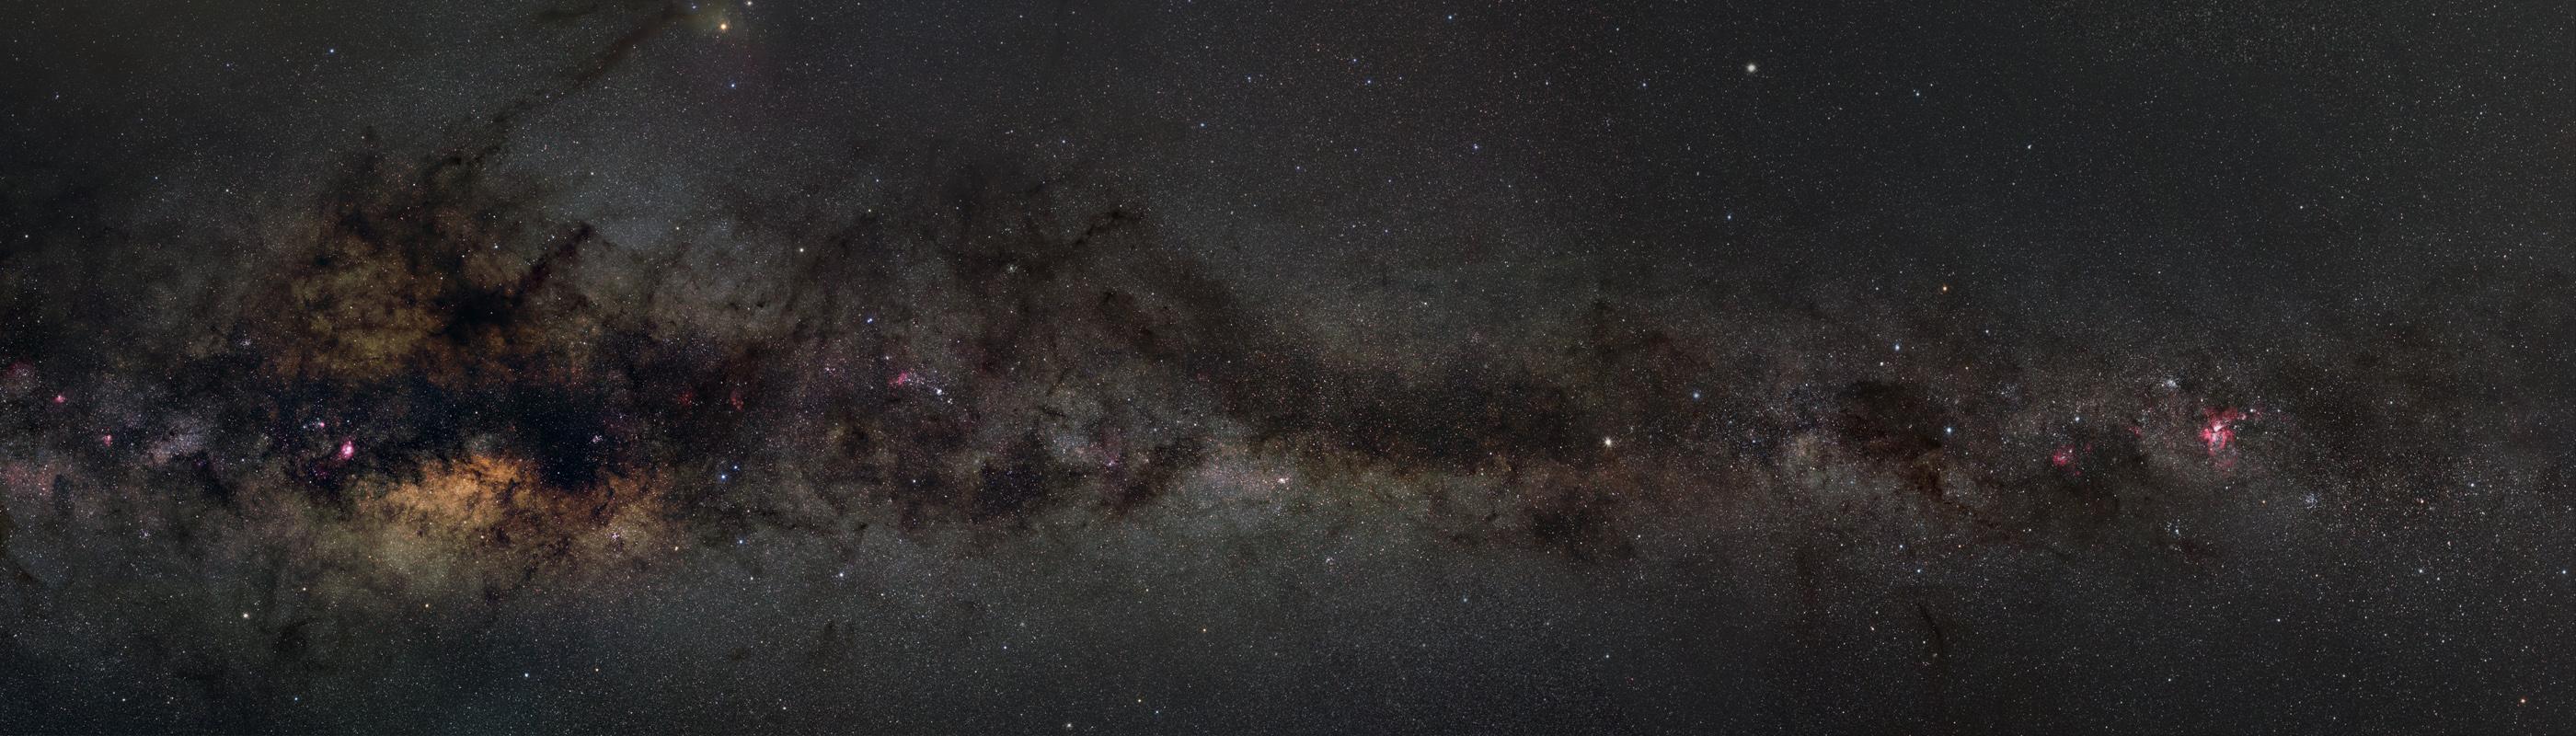 """Gesamtansicht des neuen Milchstraßenpanoramas. Das Bild wirkt insgesamt noch etwas """"unruhig"""", weswegen ich es noch nicht als endgültige Version ansehe."""